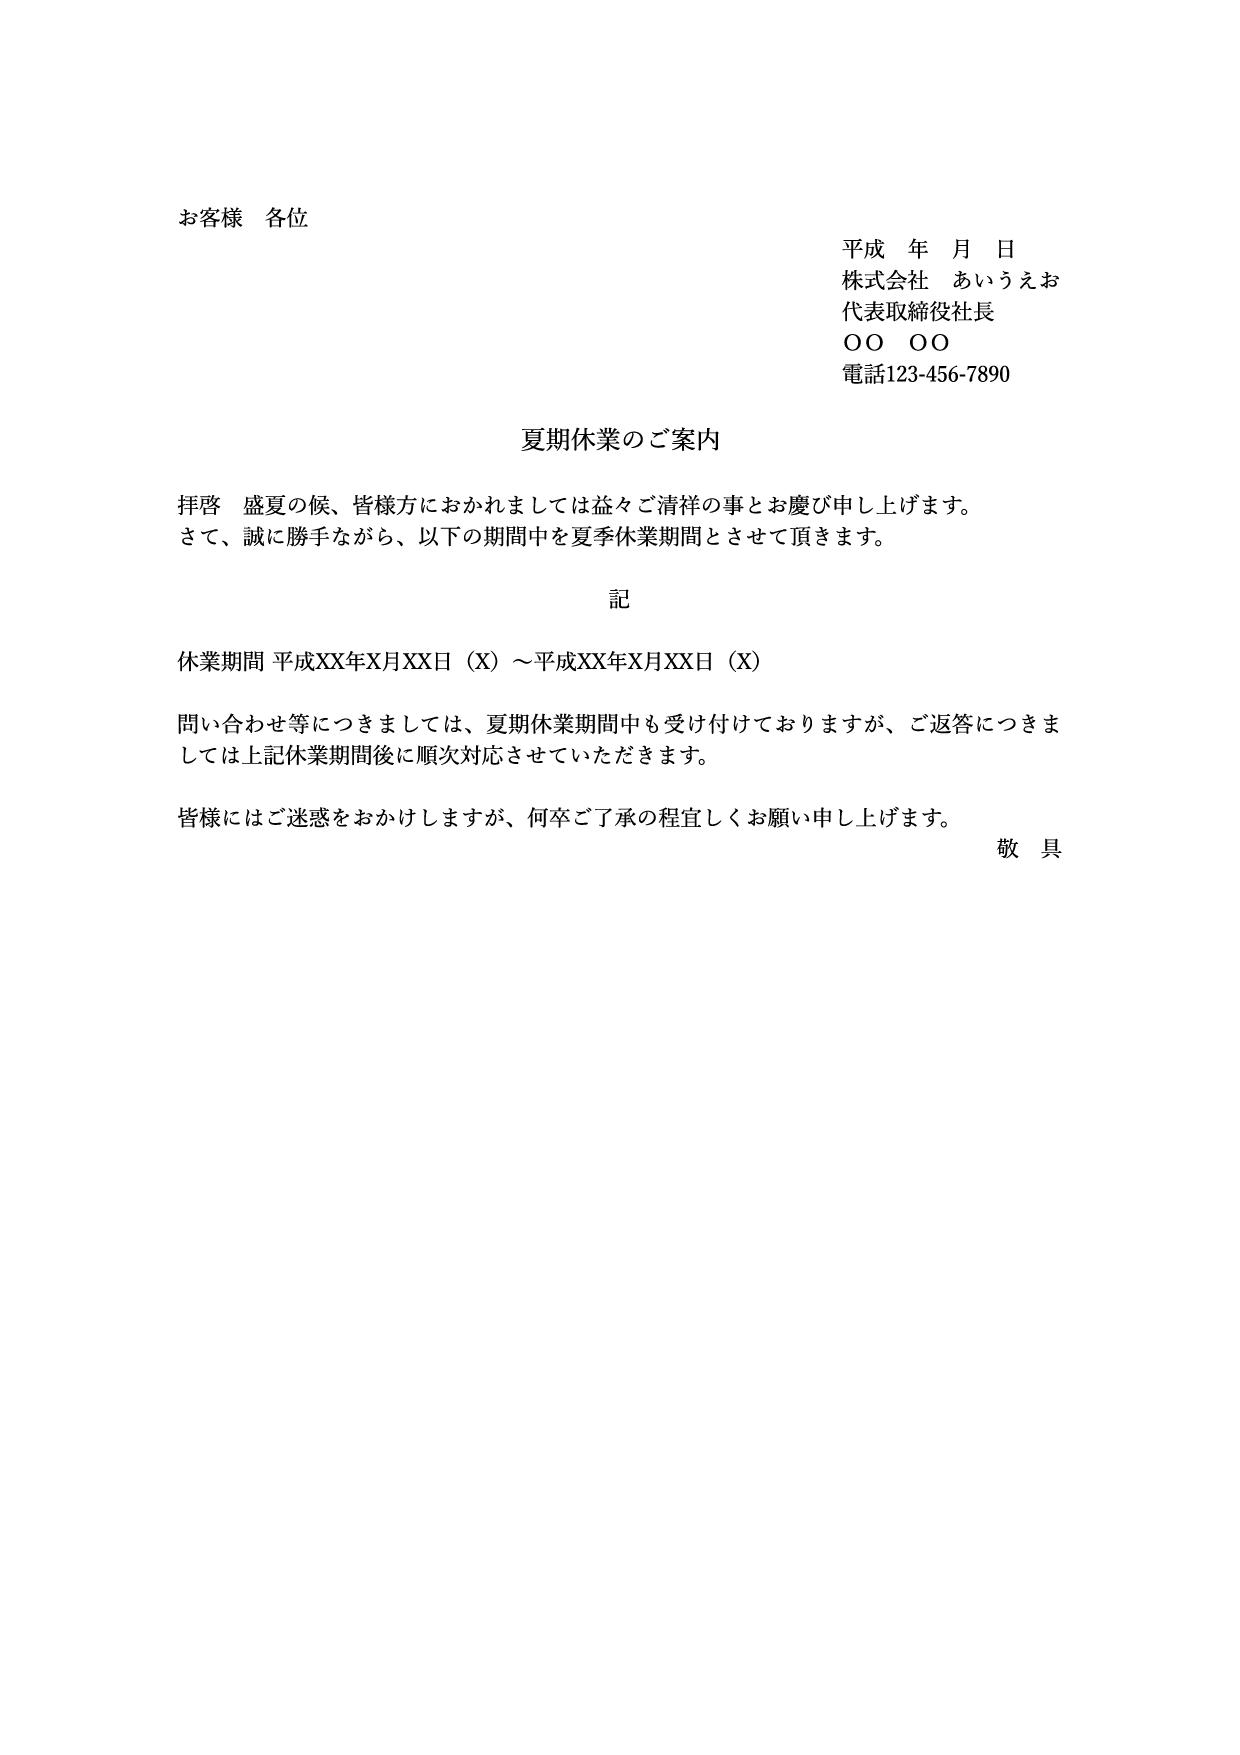 案内状テンプレート『夏期休業・休暇のお知らせ』(ワード・ページズ)